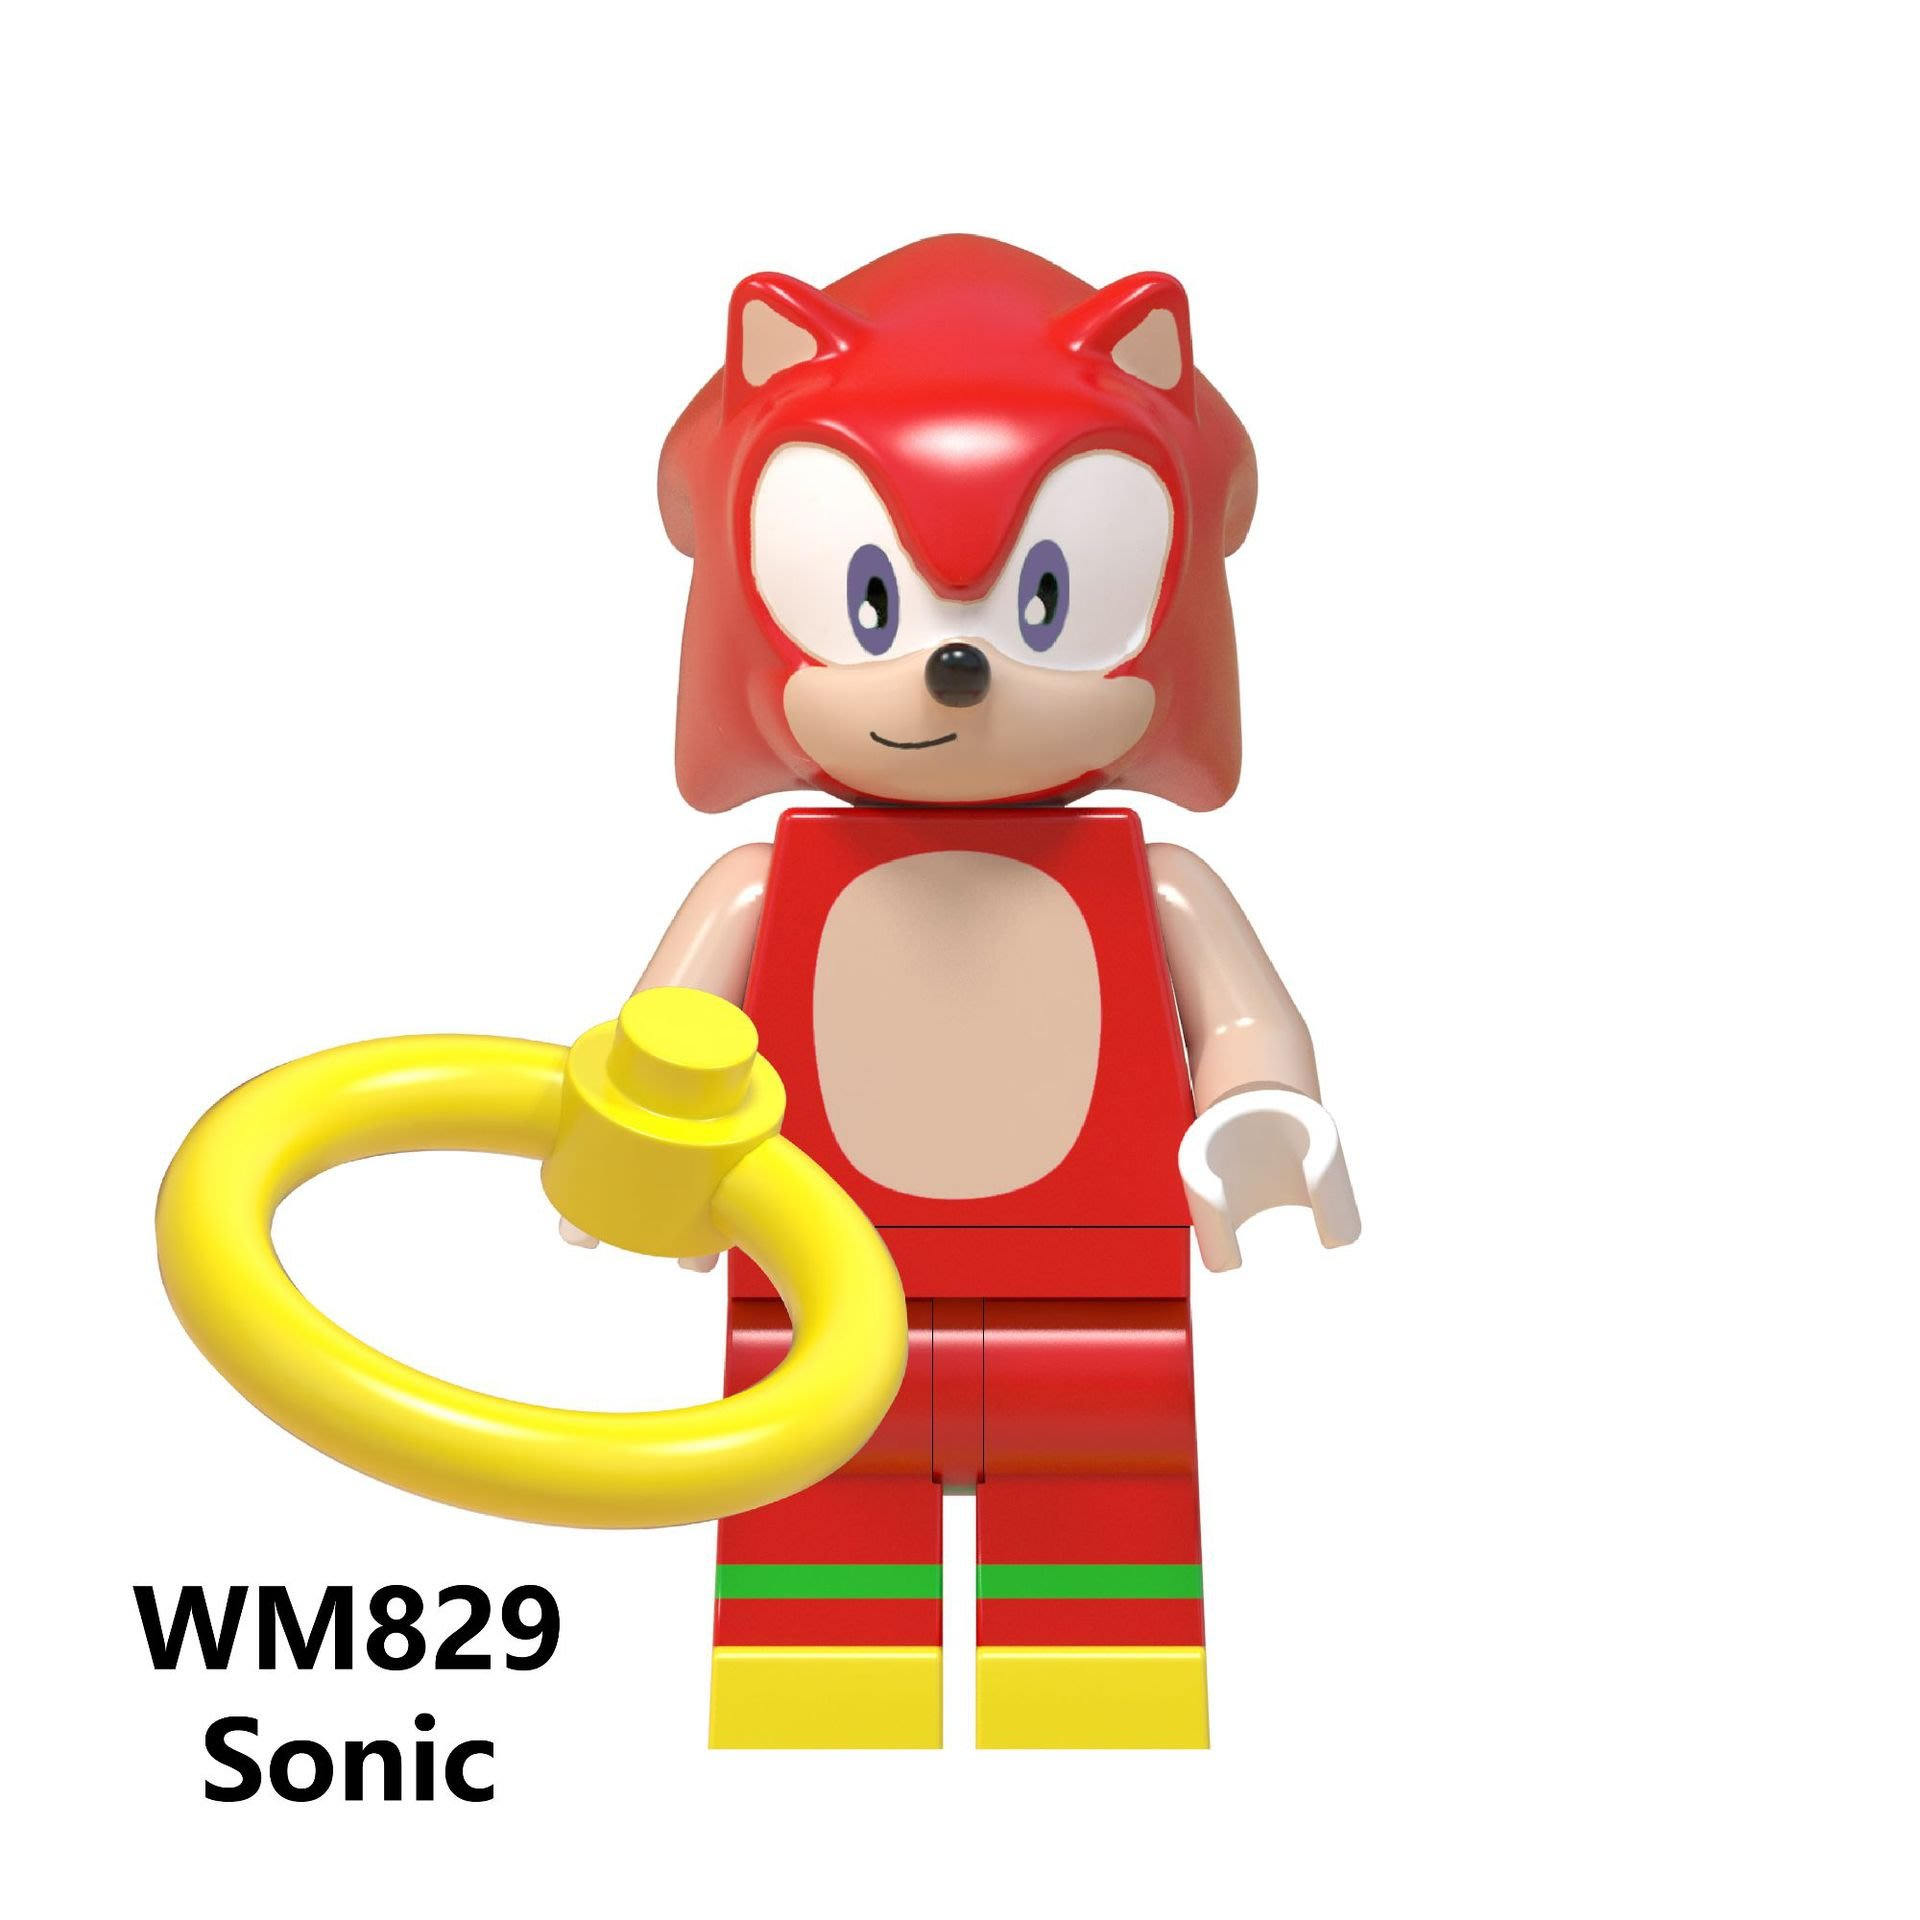 【積木班長】WM829 那克魯斯 音速小子 SONIC 電玩 電影 人偶 袋裝/相容 樂高 LEGO 積木